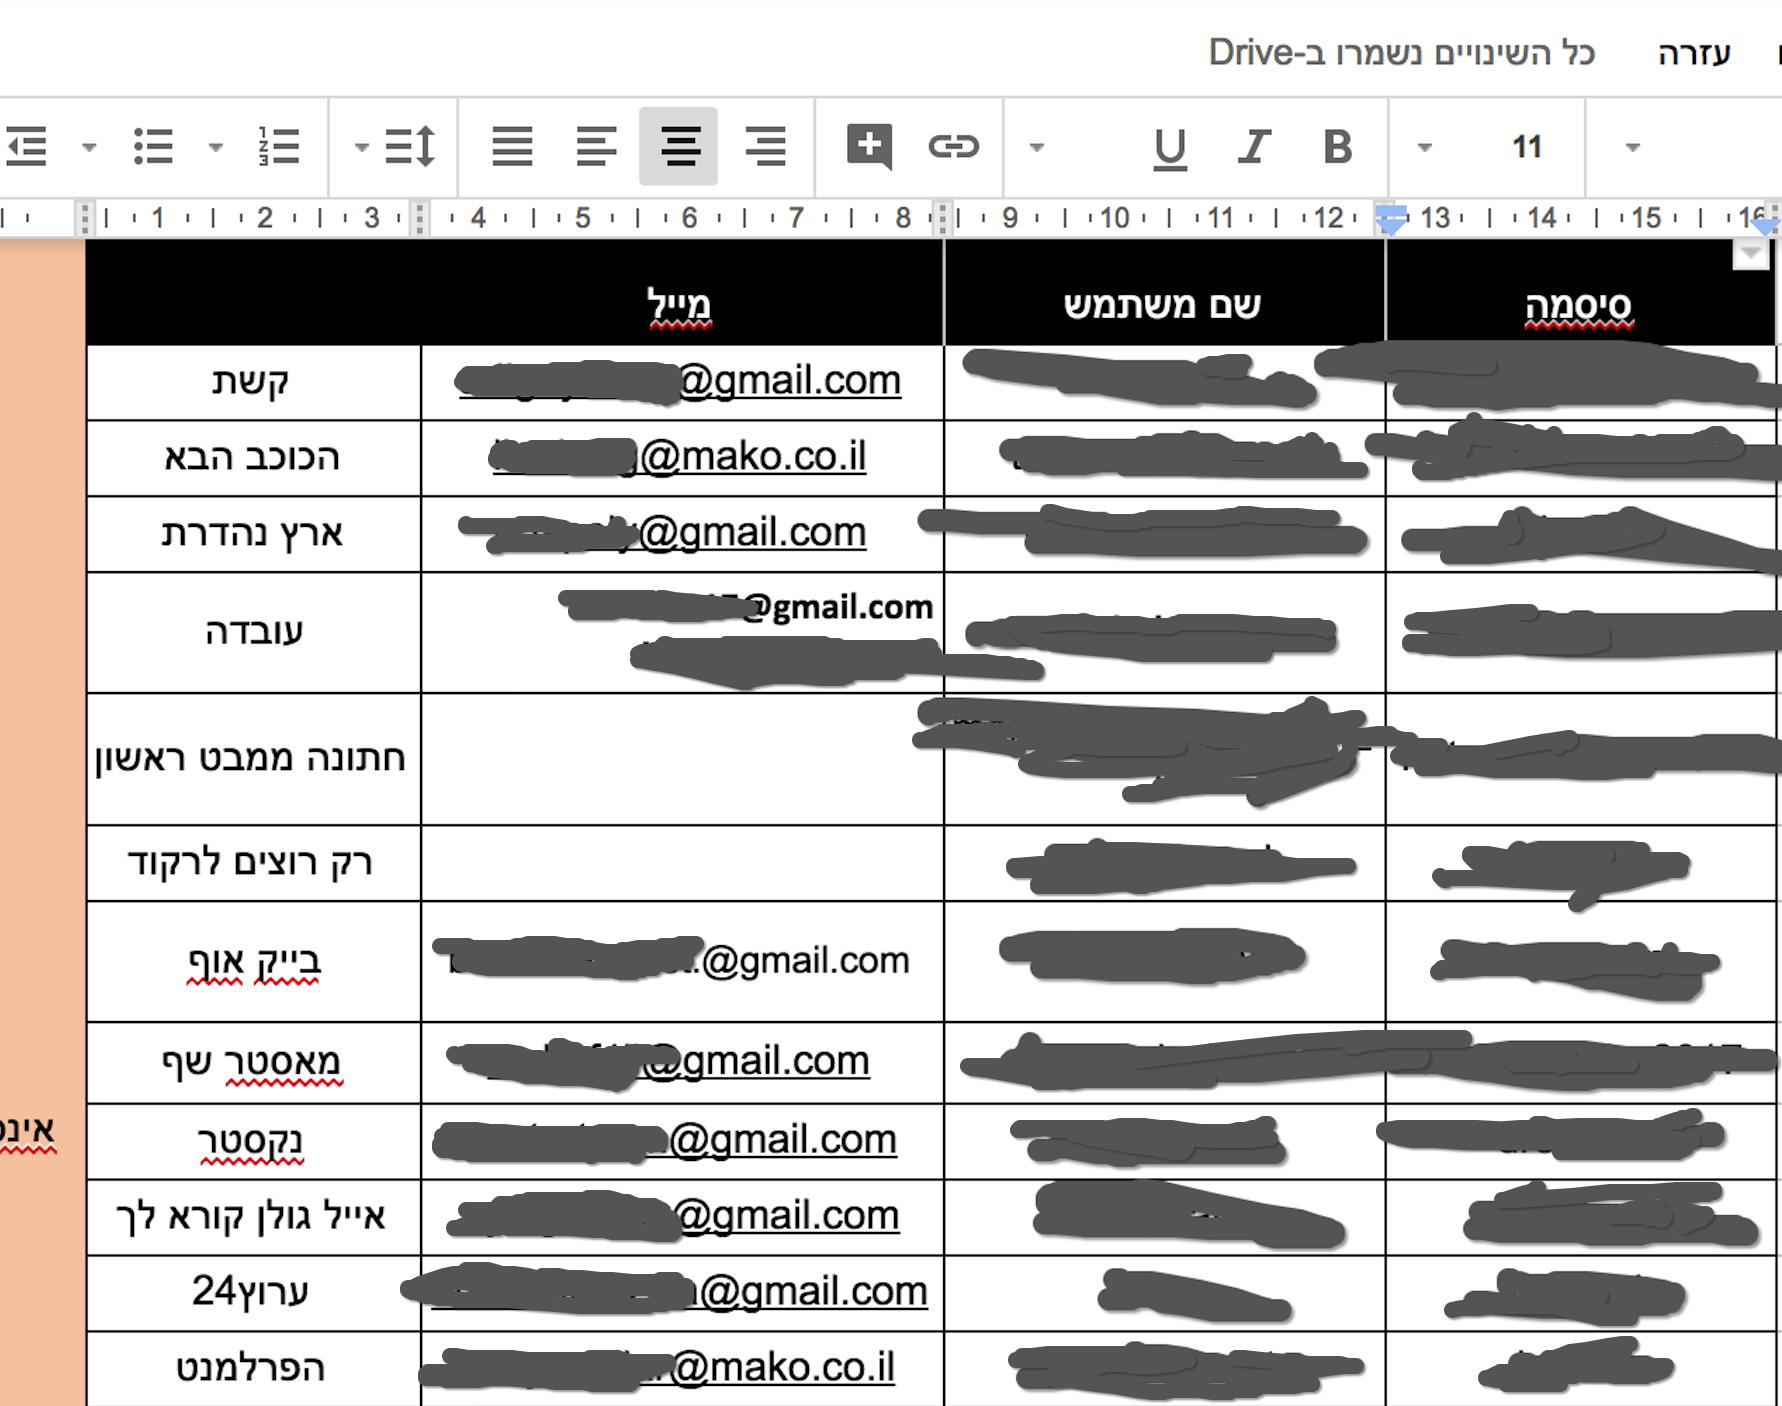 המיילים שנחשפו במסמך - חלק מהם